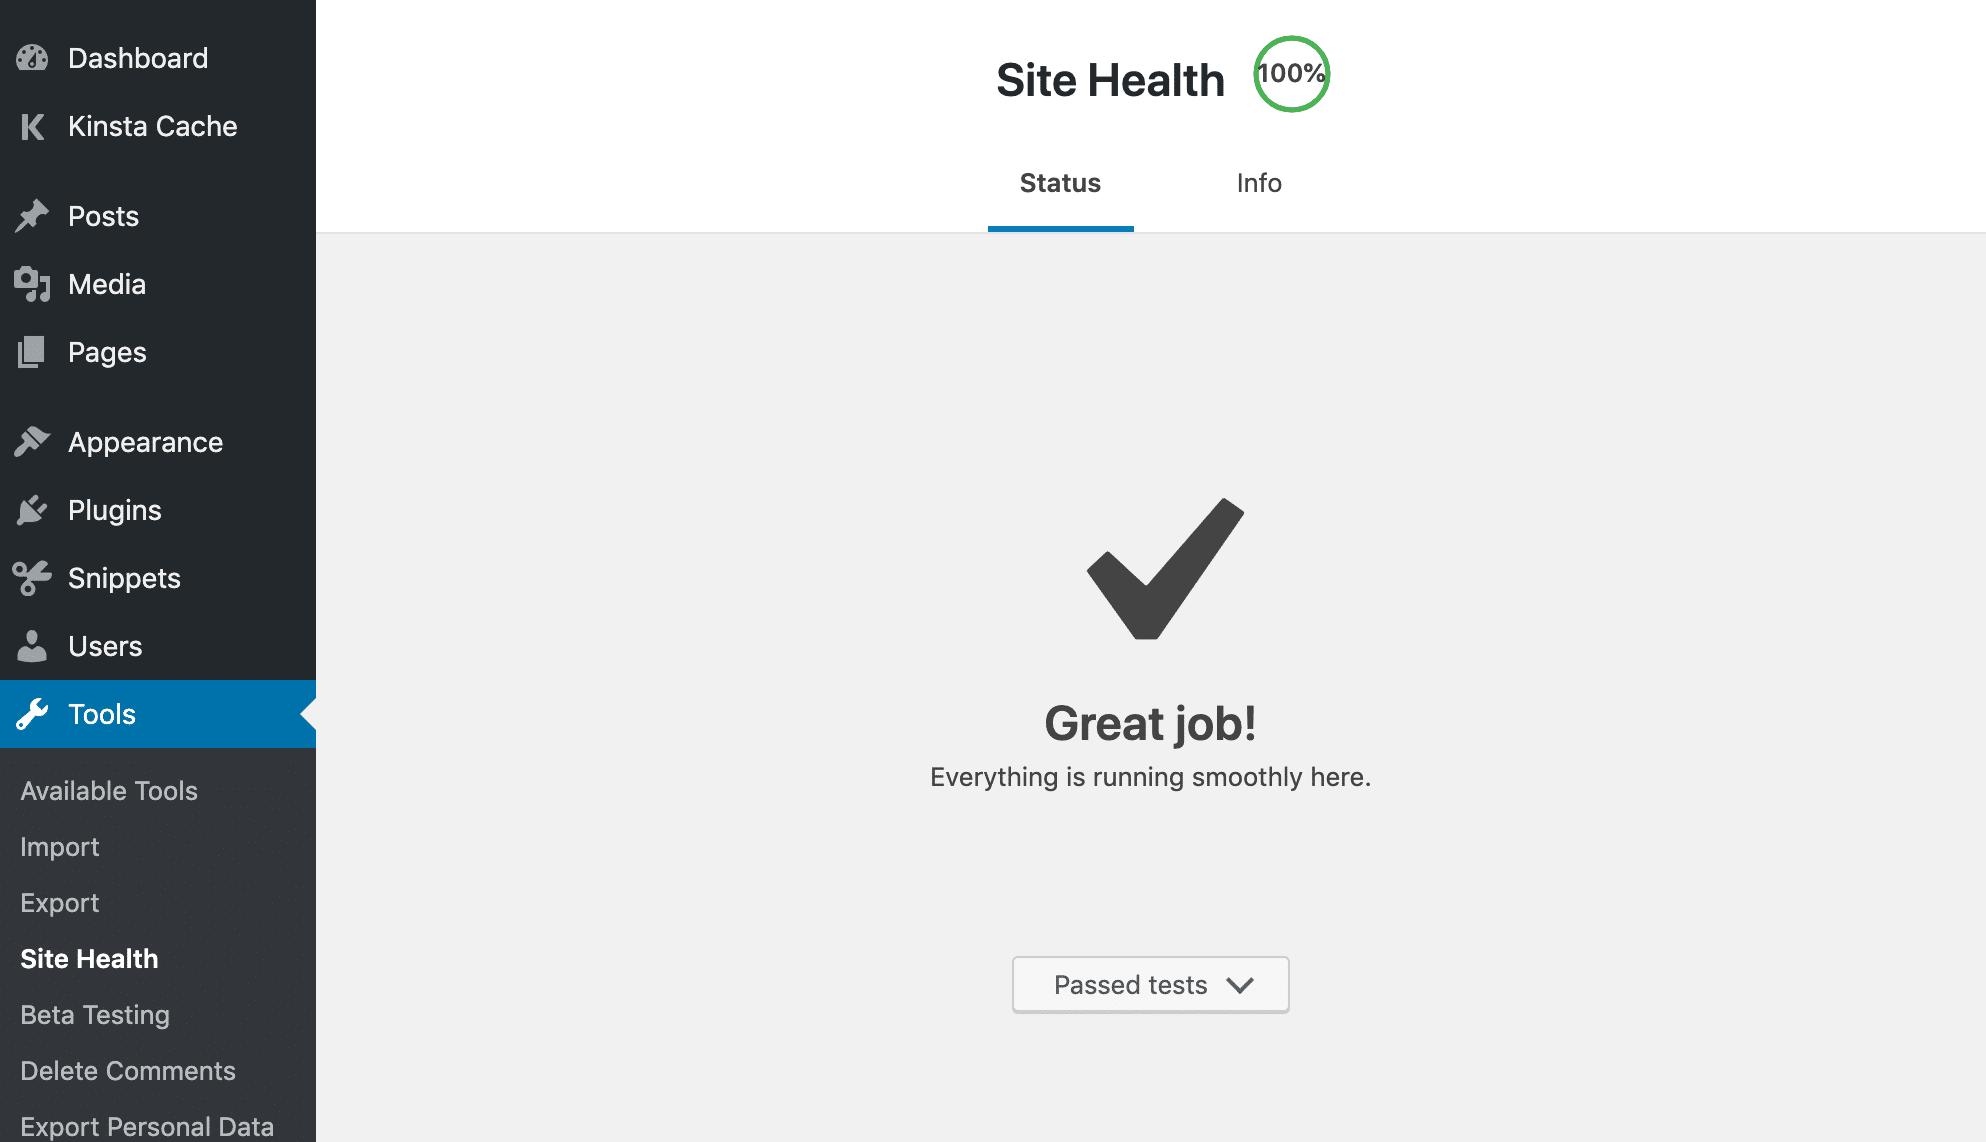 Herramienta de Salud del Sitio en WordPress – Puntuación del 100%